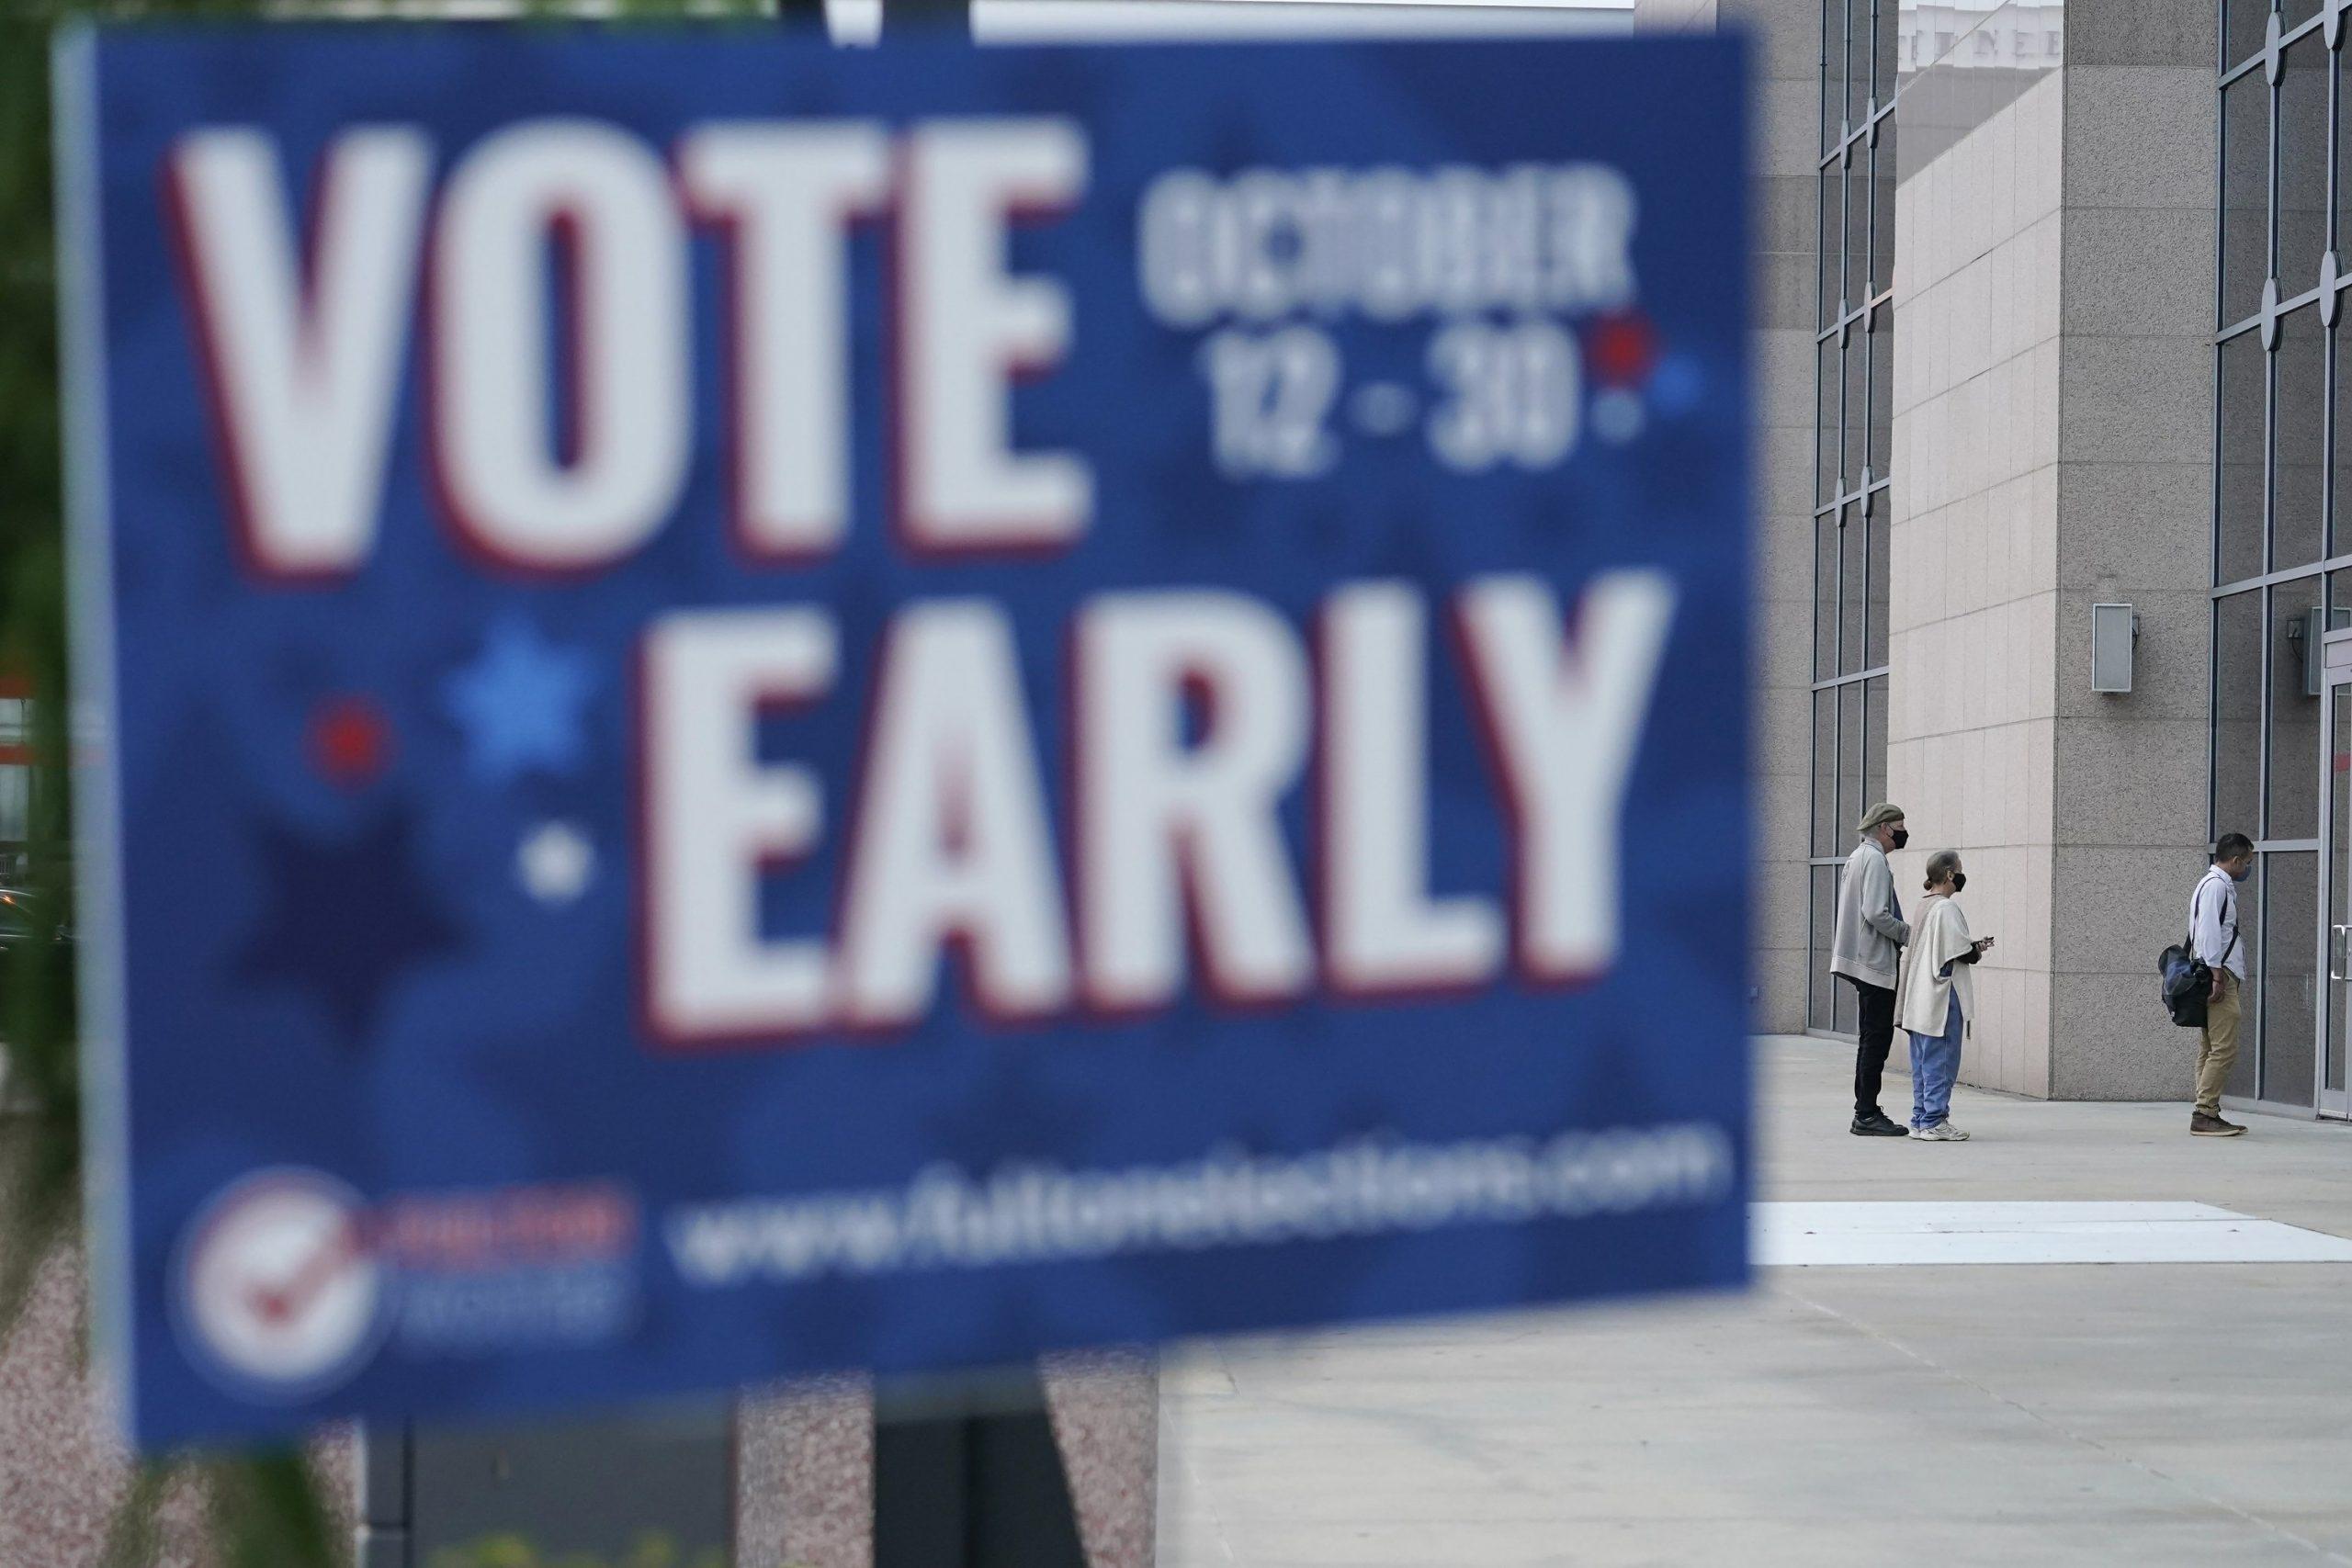 Voting begins early in Georgia